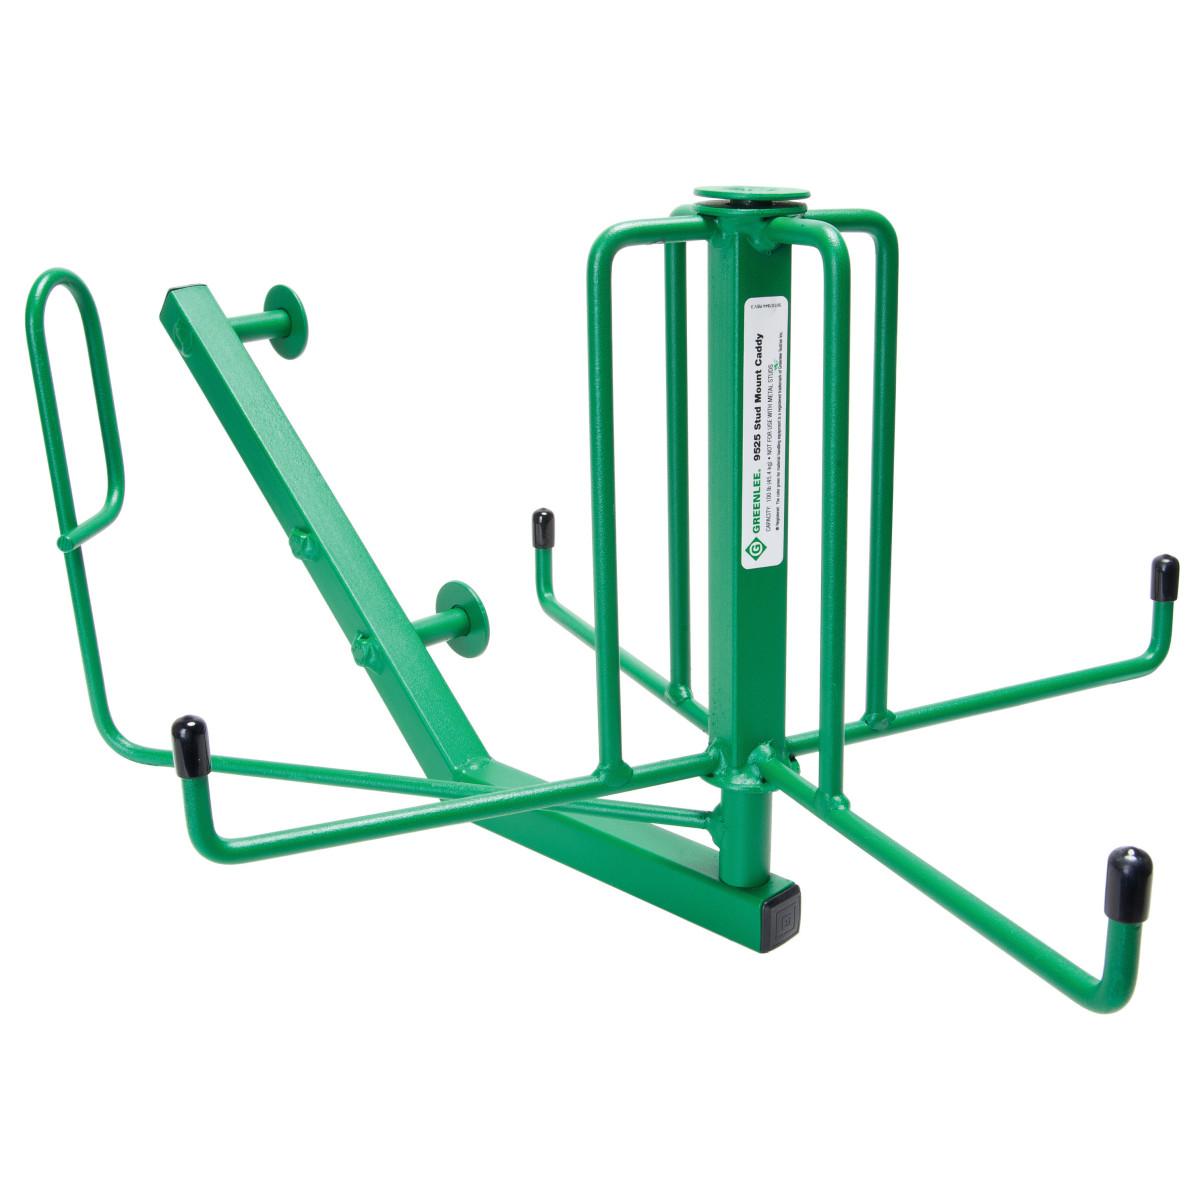 Greenlee®9525